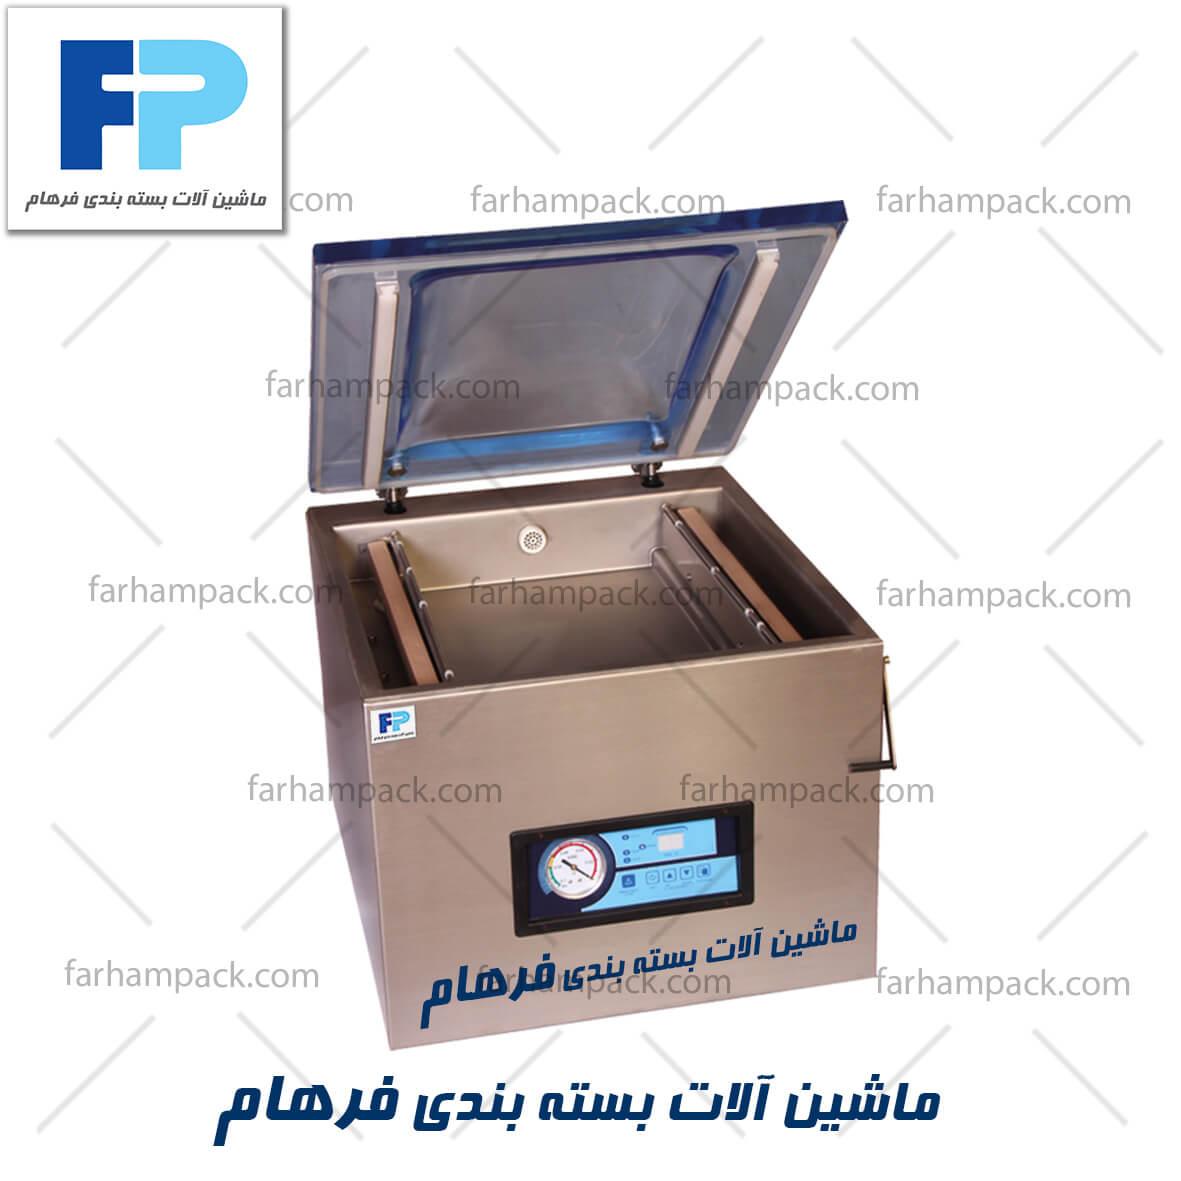 دستگاه وکیوم بسته بندی موادغذایی